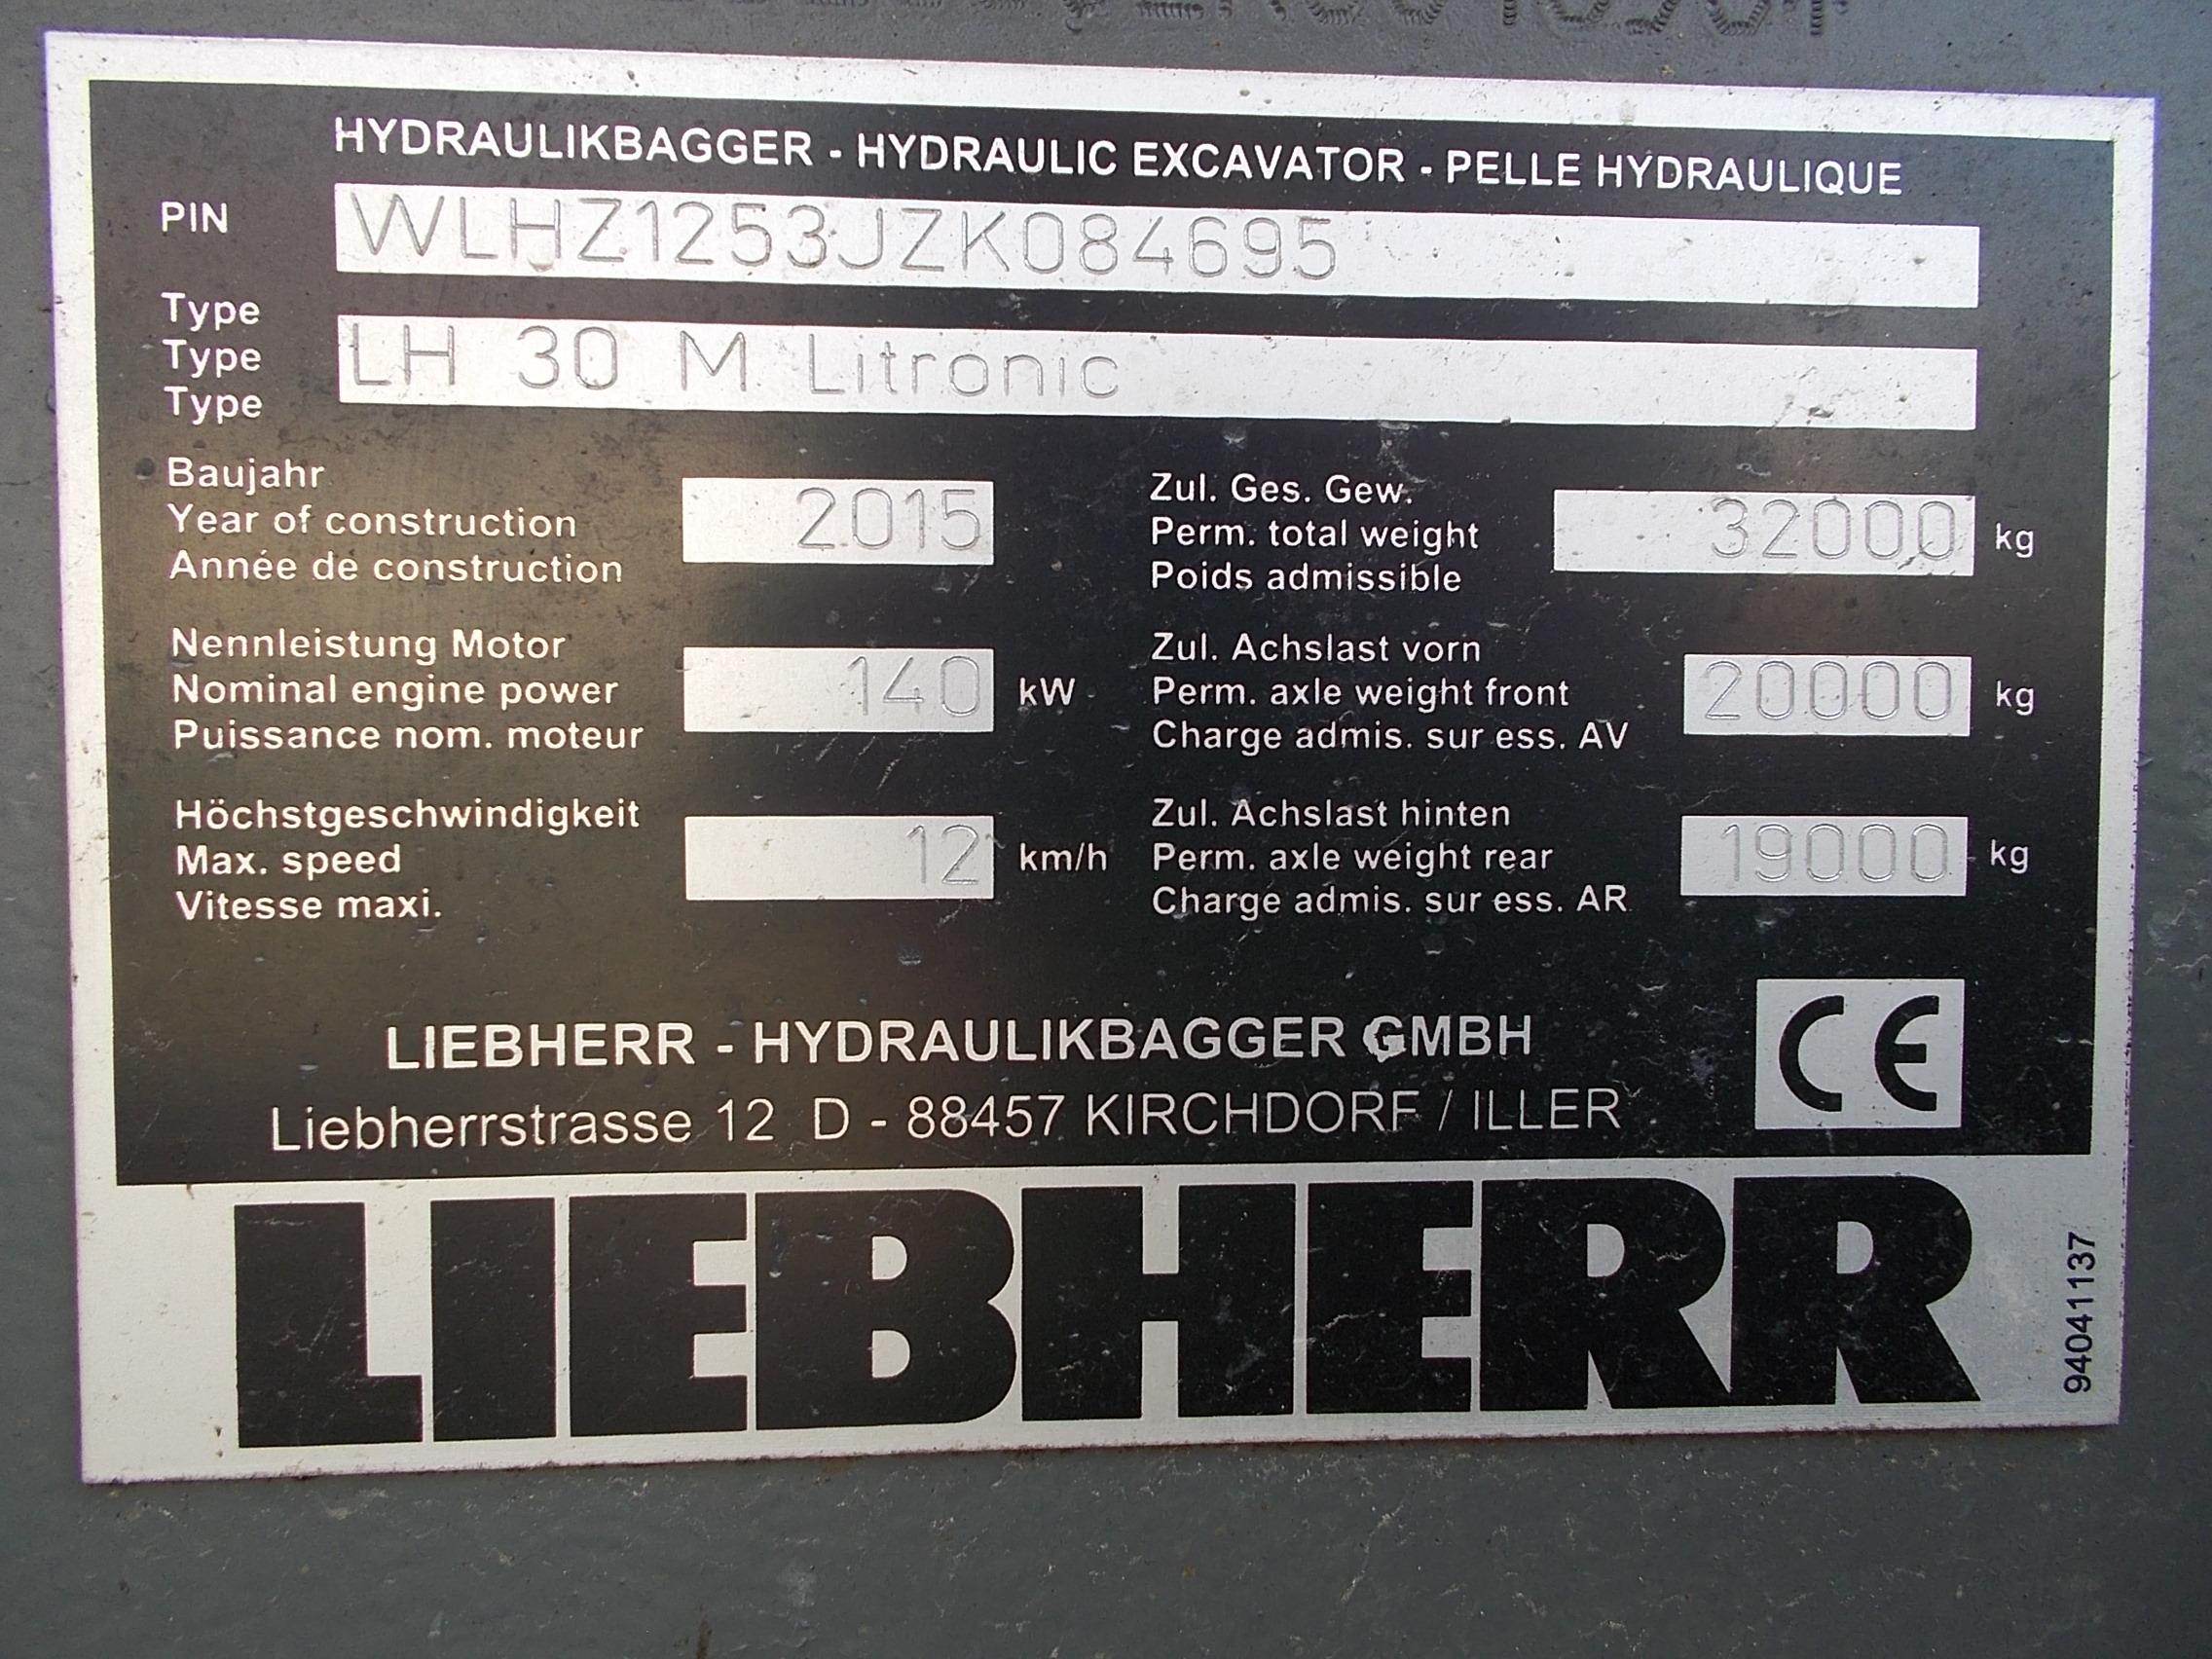 LH30 M-LI-1253-84695_016.JPG